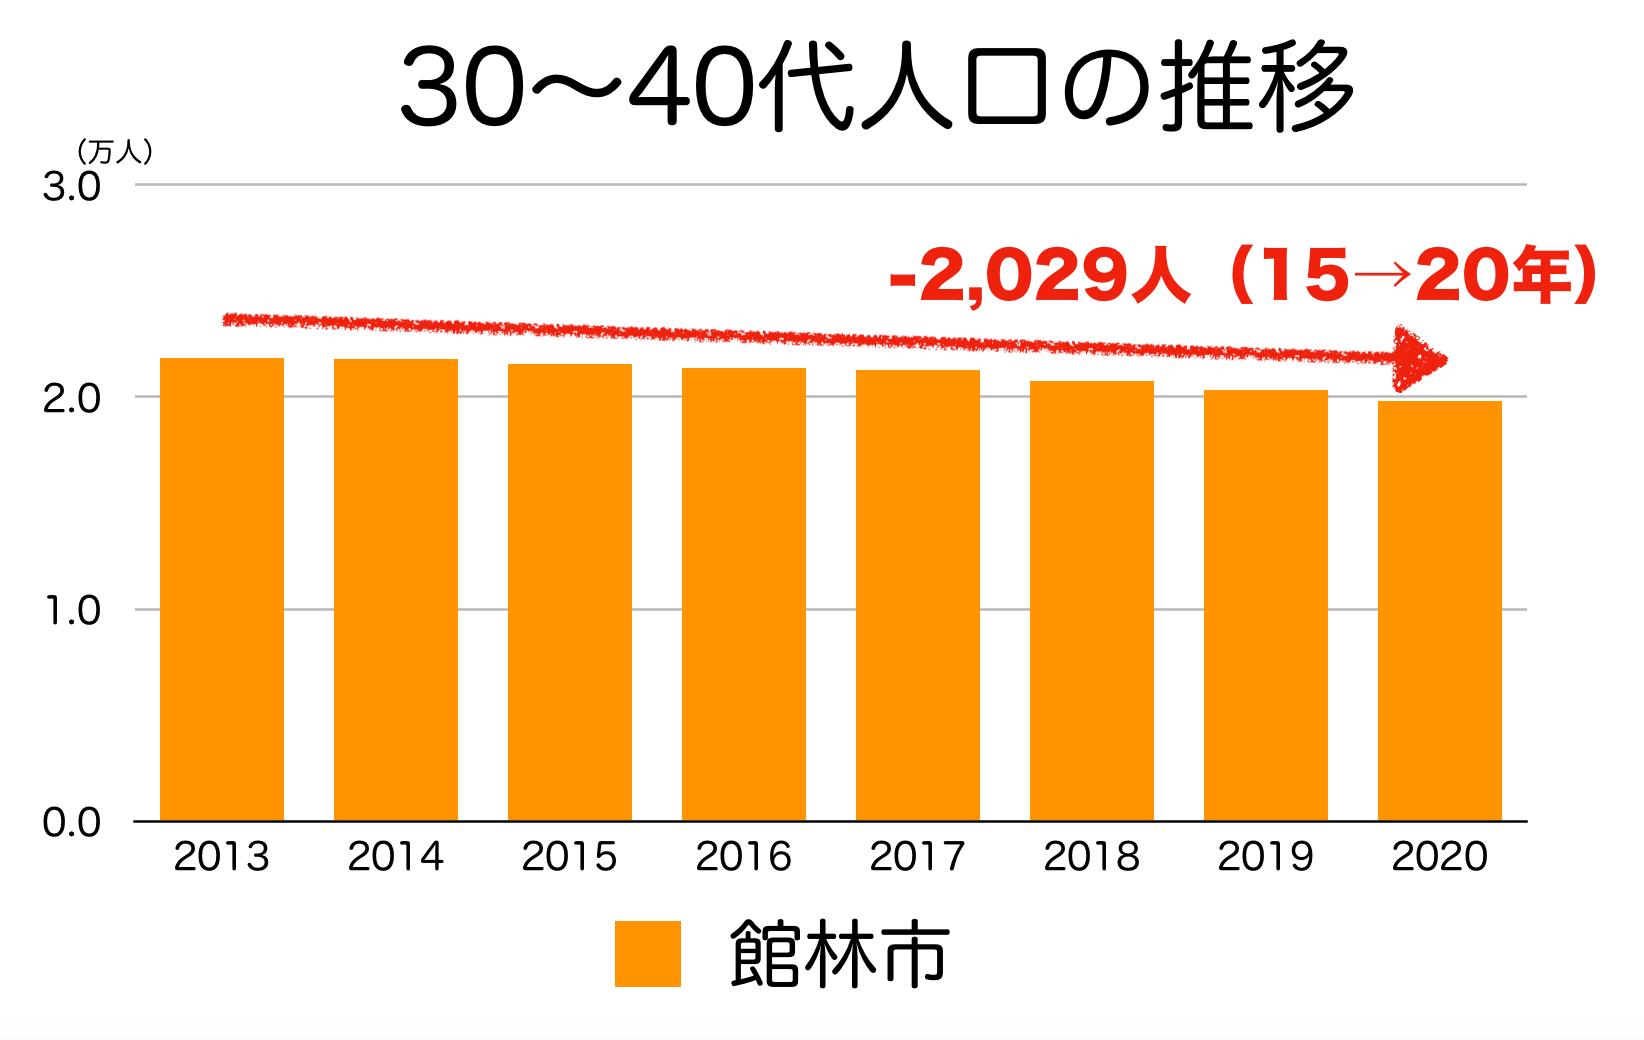 館林市の30〜40代人口の推移